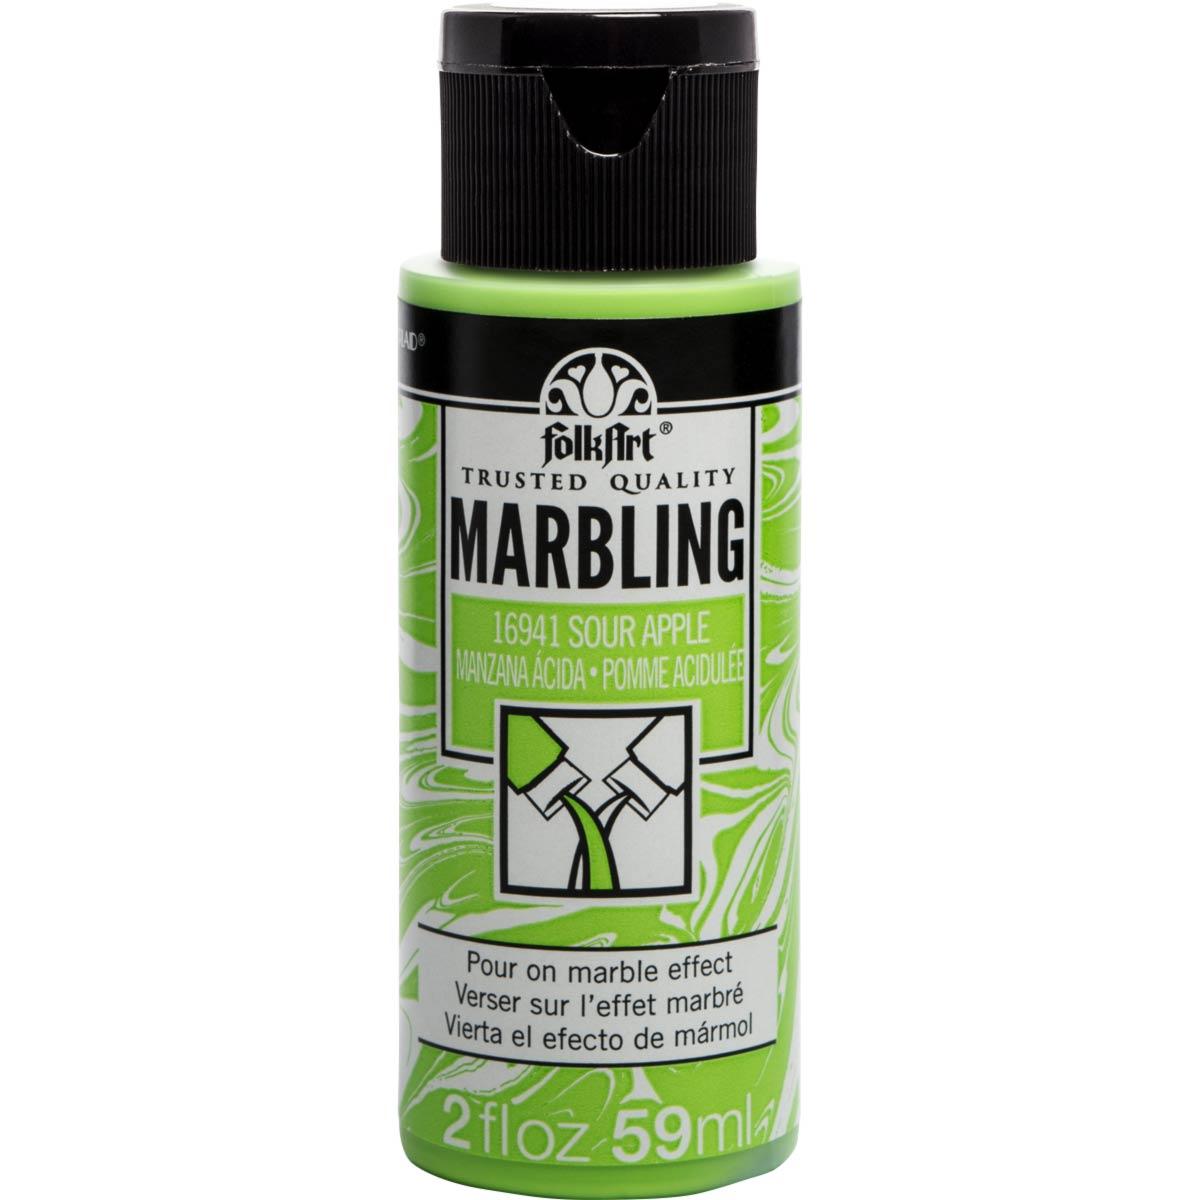 FolkArt ® Marbling Paint - Sour Apple, 2 oz. - 16941